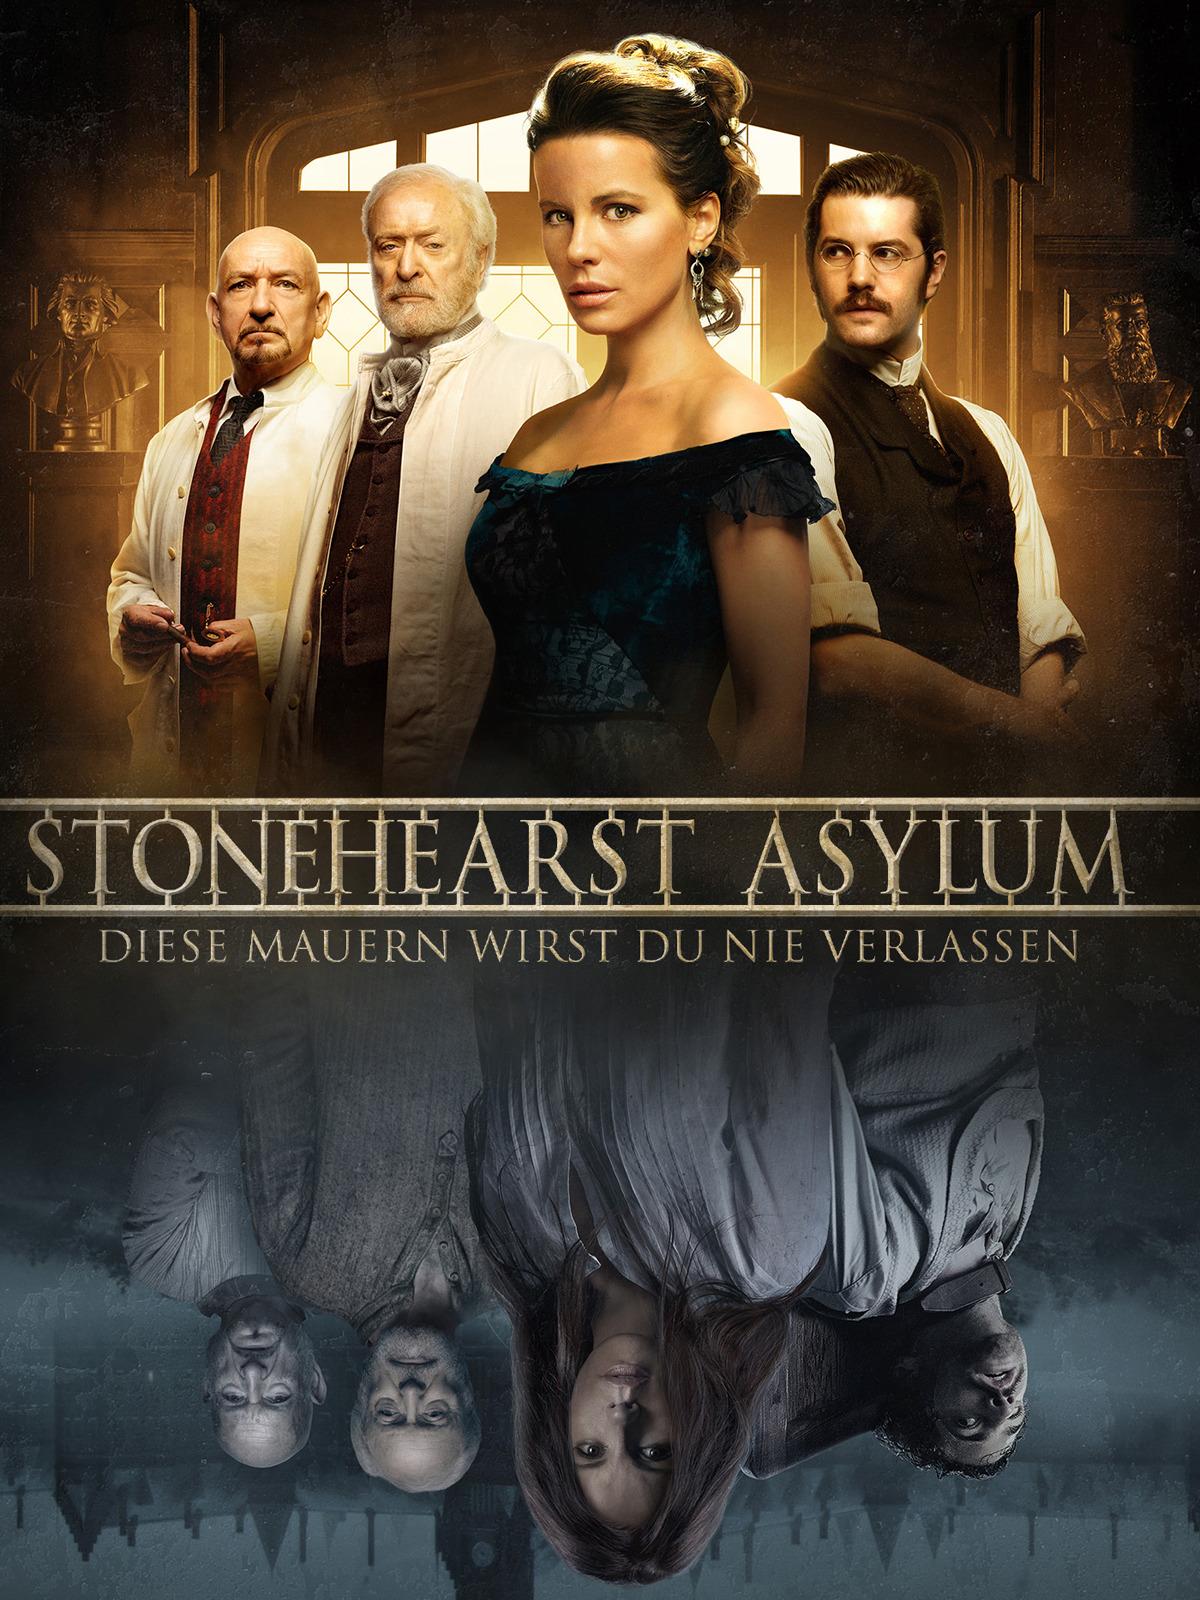 Stonehearst Asylum - Diese Mauern wirst Du nie verlassen